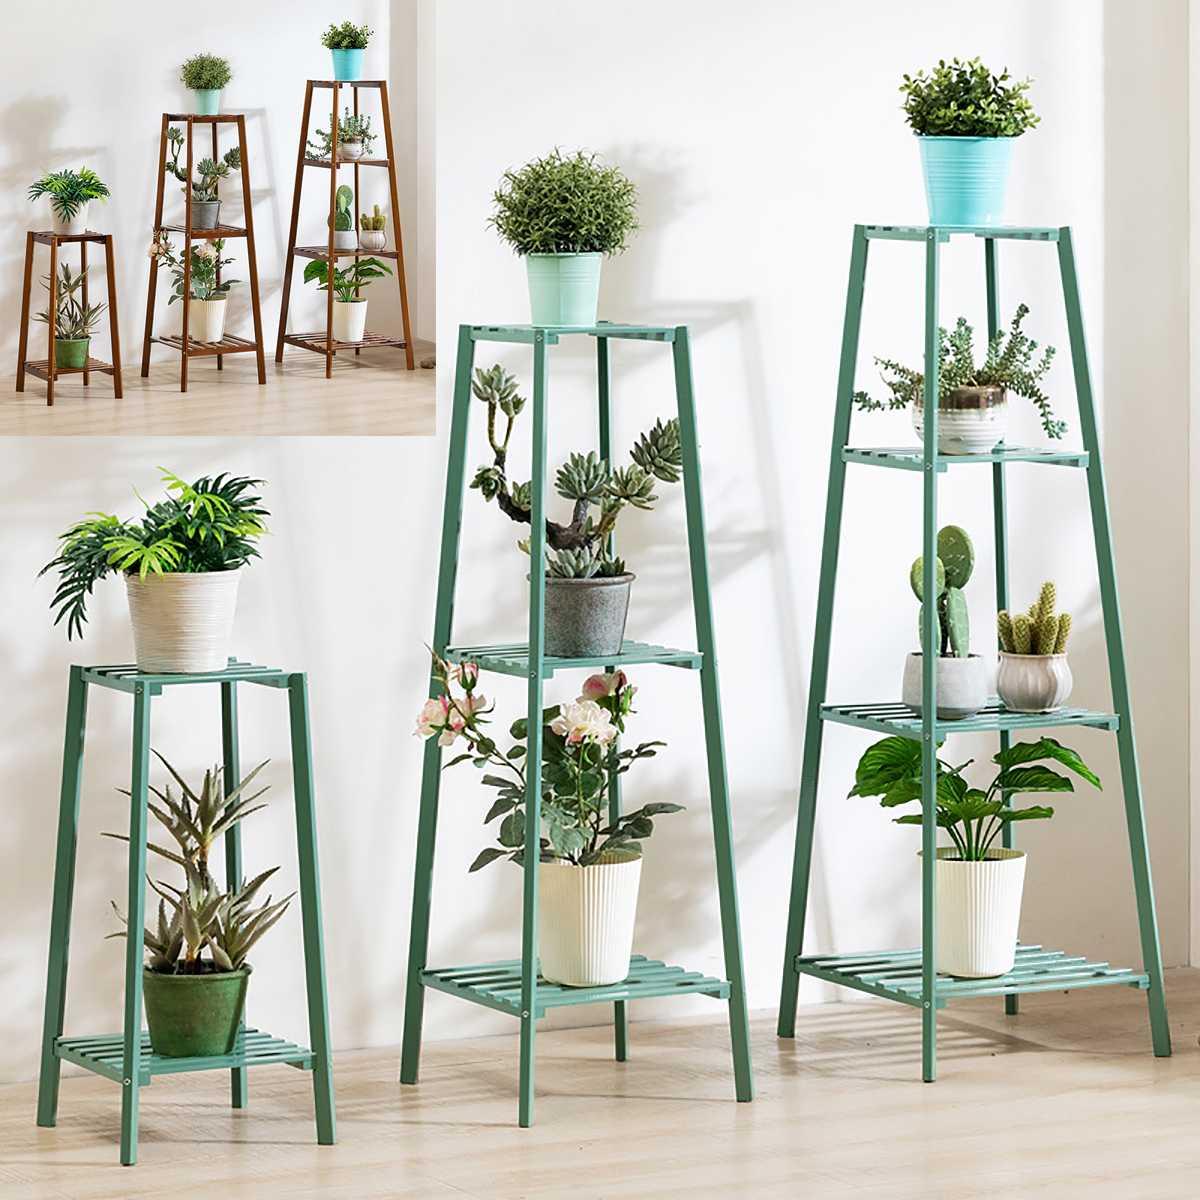 Soporte de Metal simplicidad de 4 capas para plantas Tipo de aterrizaje extravagante Multi-plataforma de la planta interior maceta marco soporte de flores